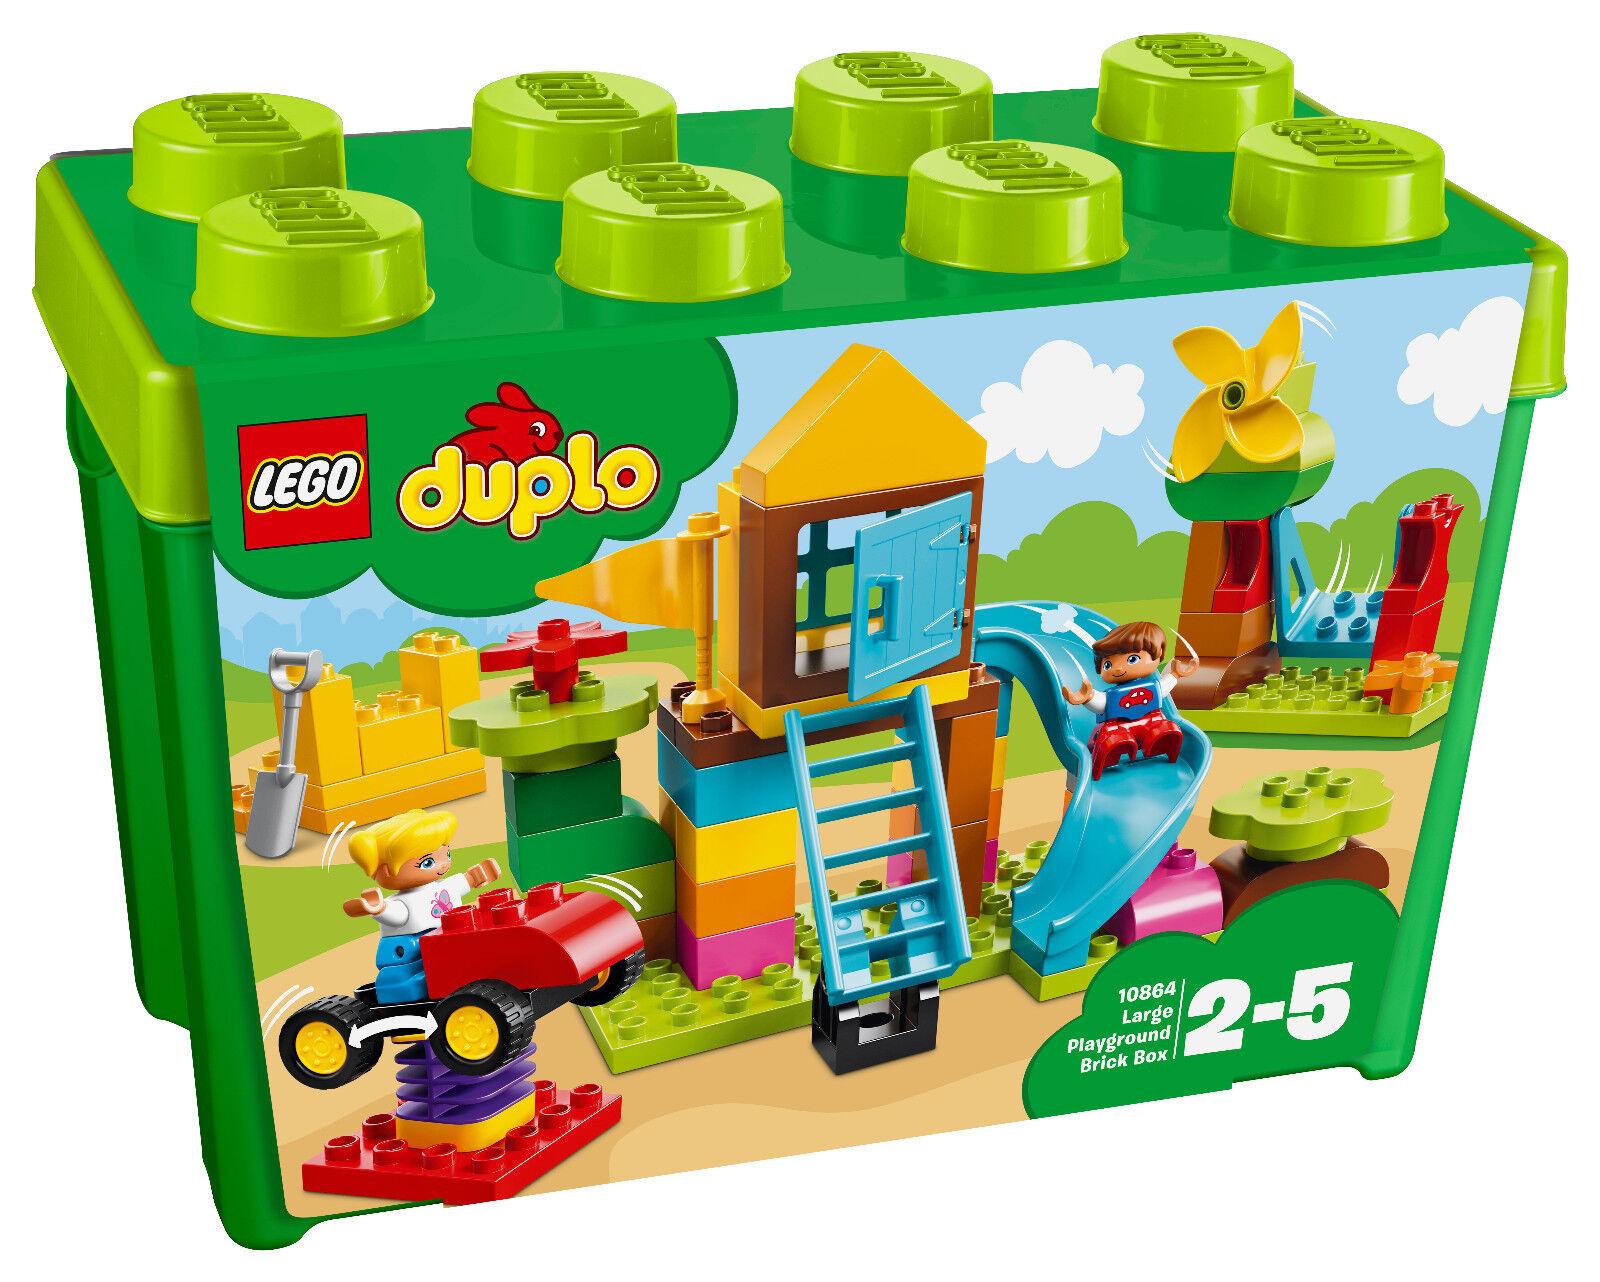 LEGO® Duplo® (10864) Steinebox mit großem Spielplatz inkl Versand NEU&OVP